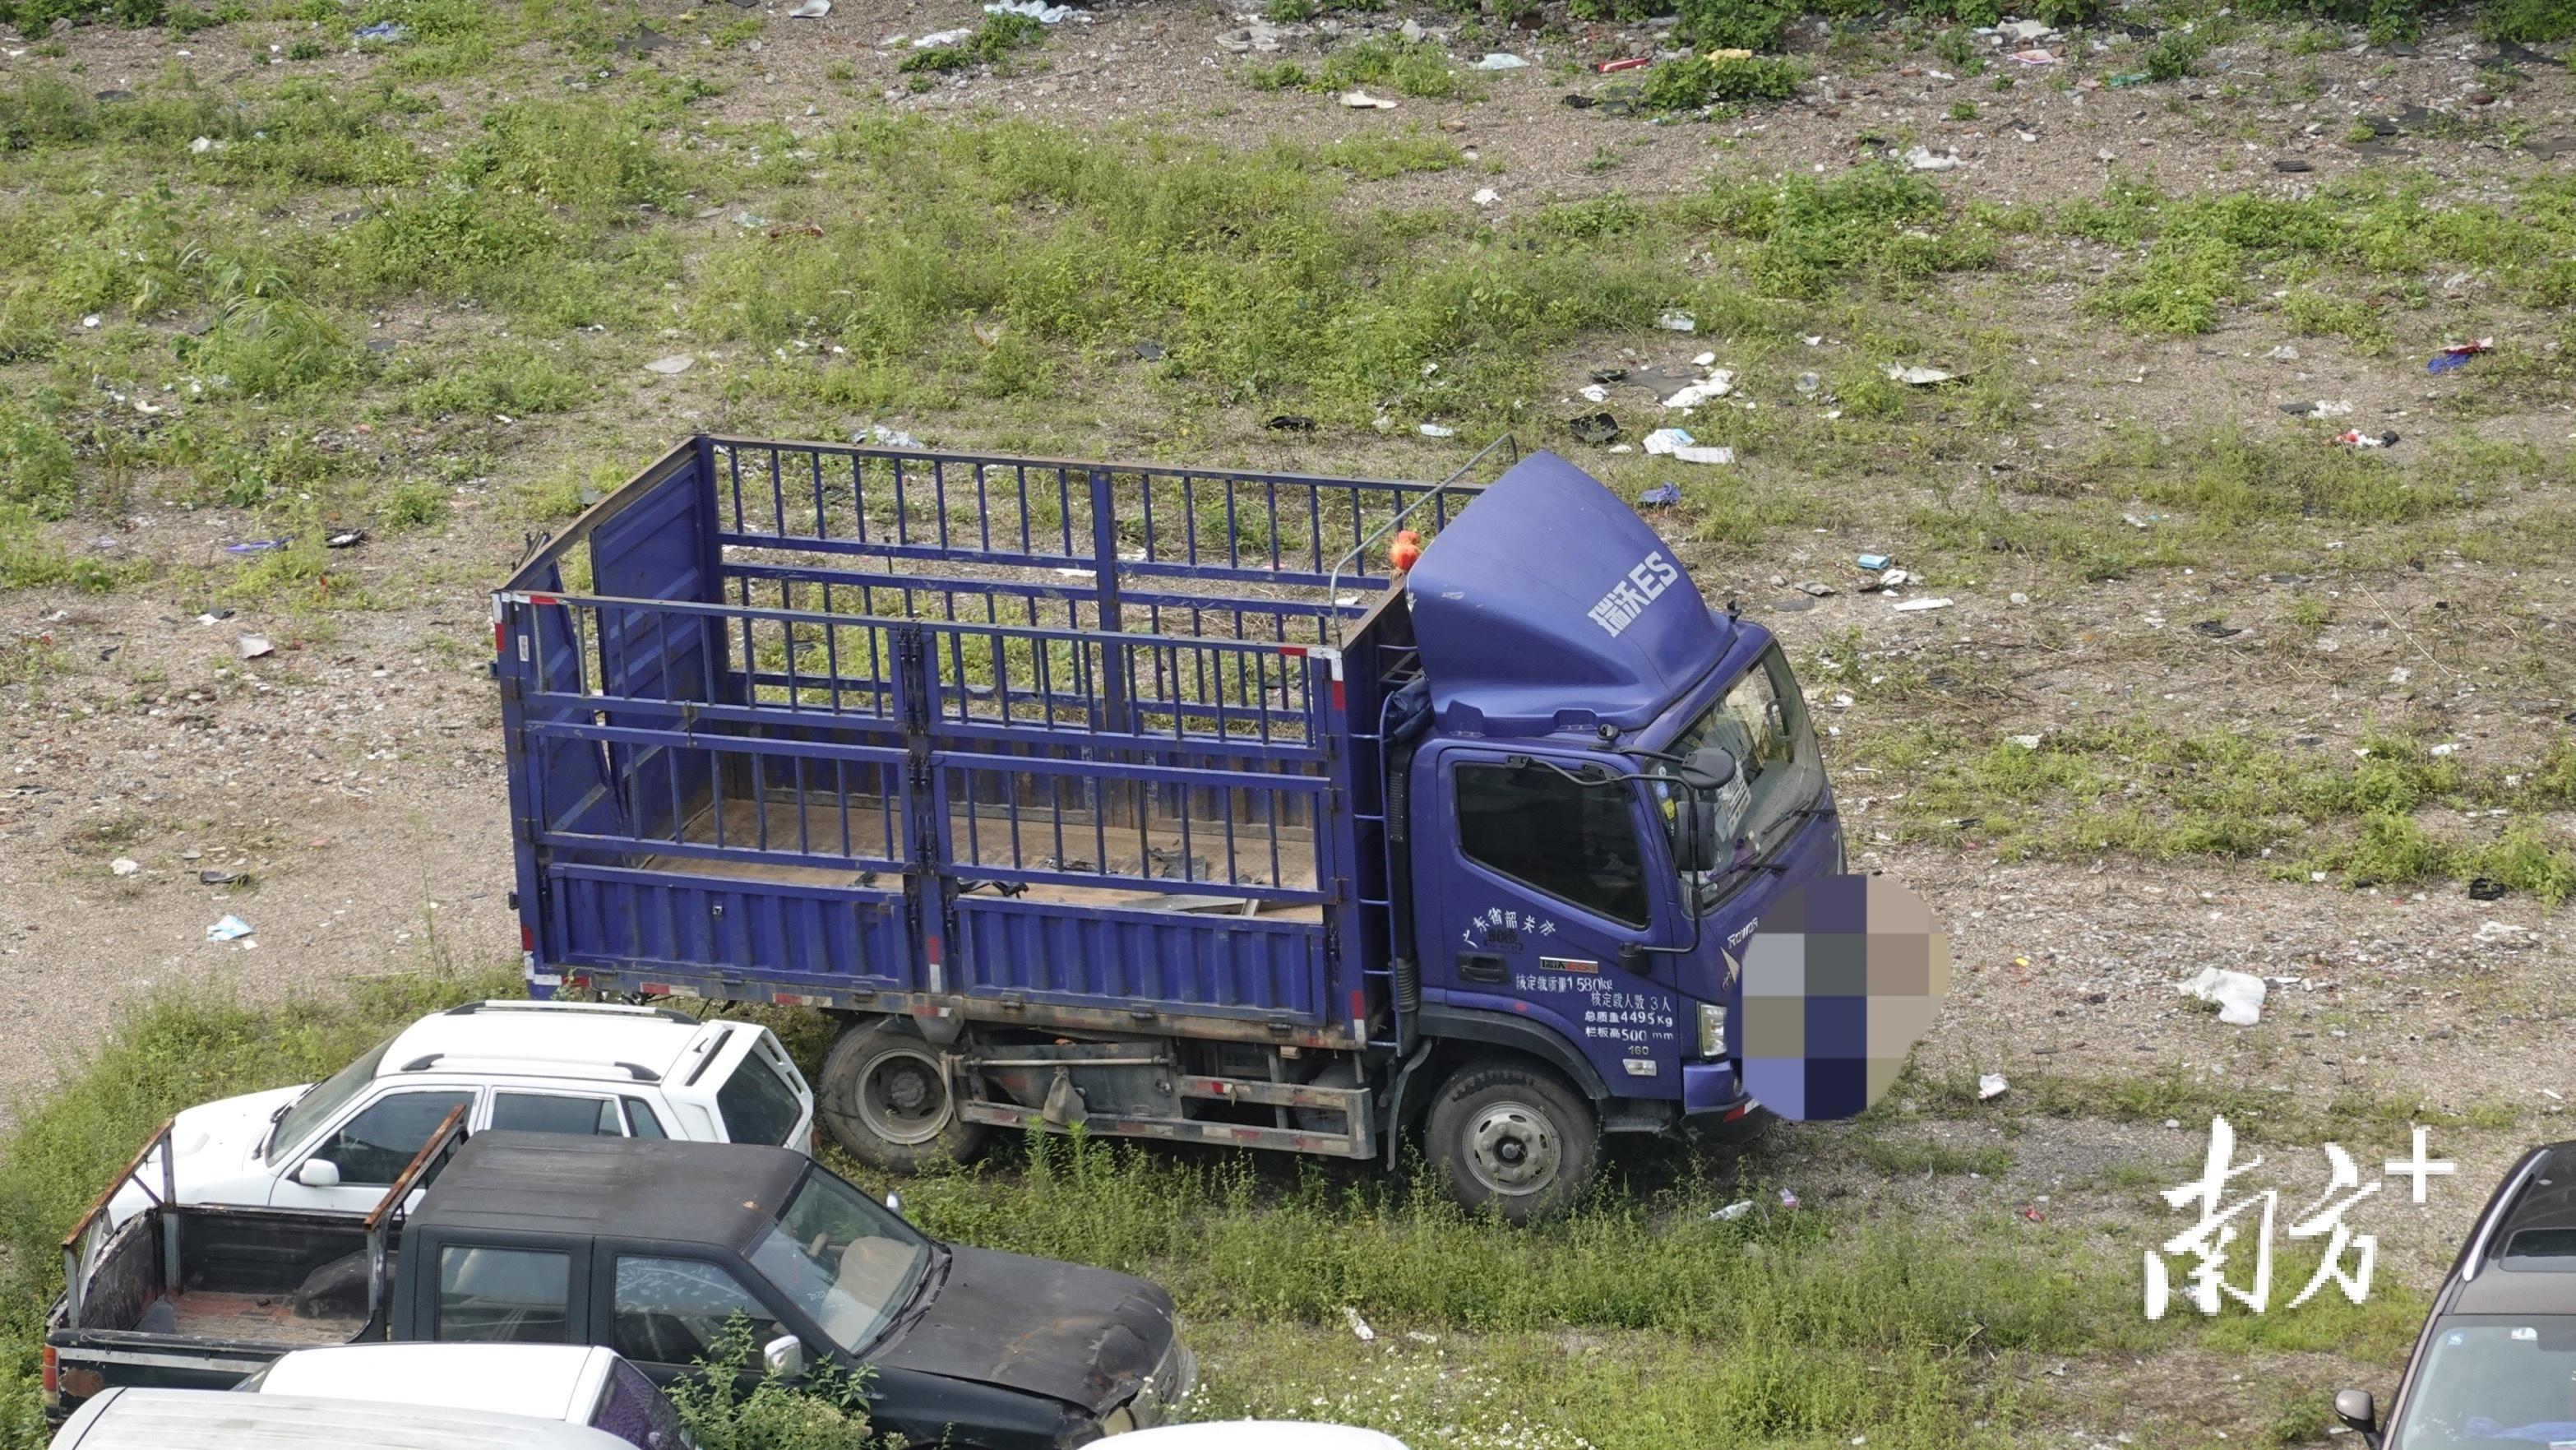 韶关特斯拉追尾事故进展:涉事车已被封存,专家组将对其全面检测